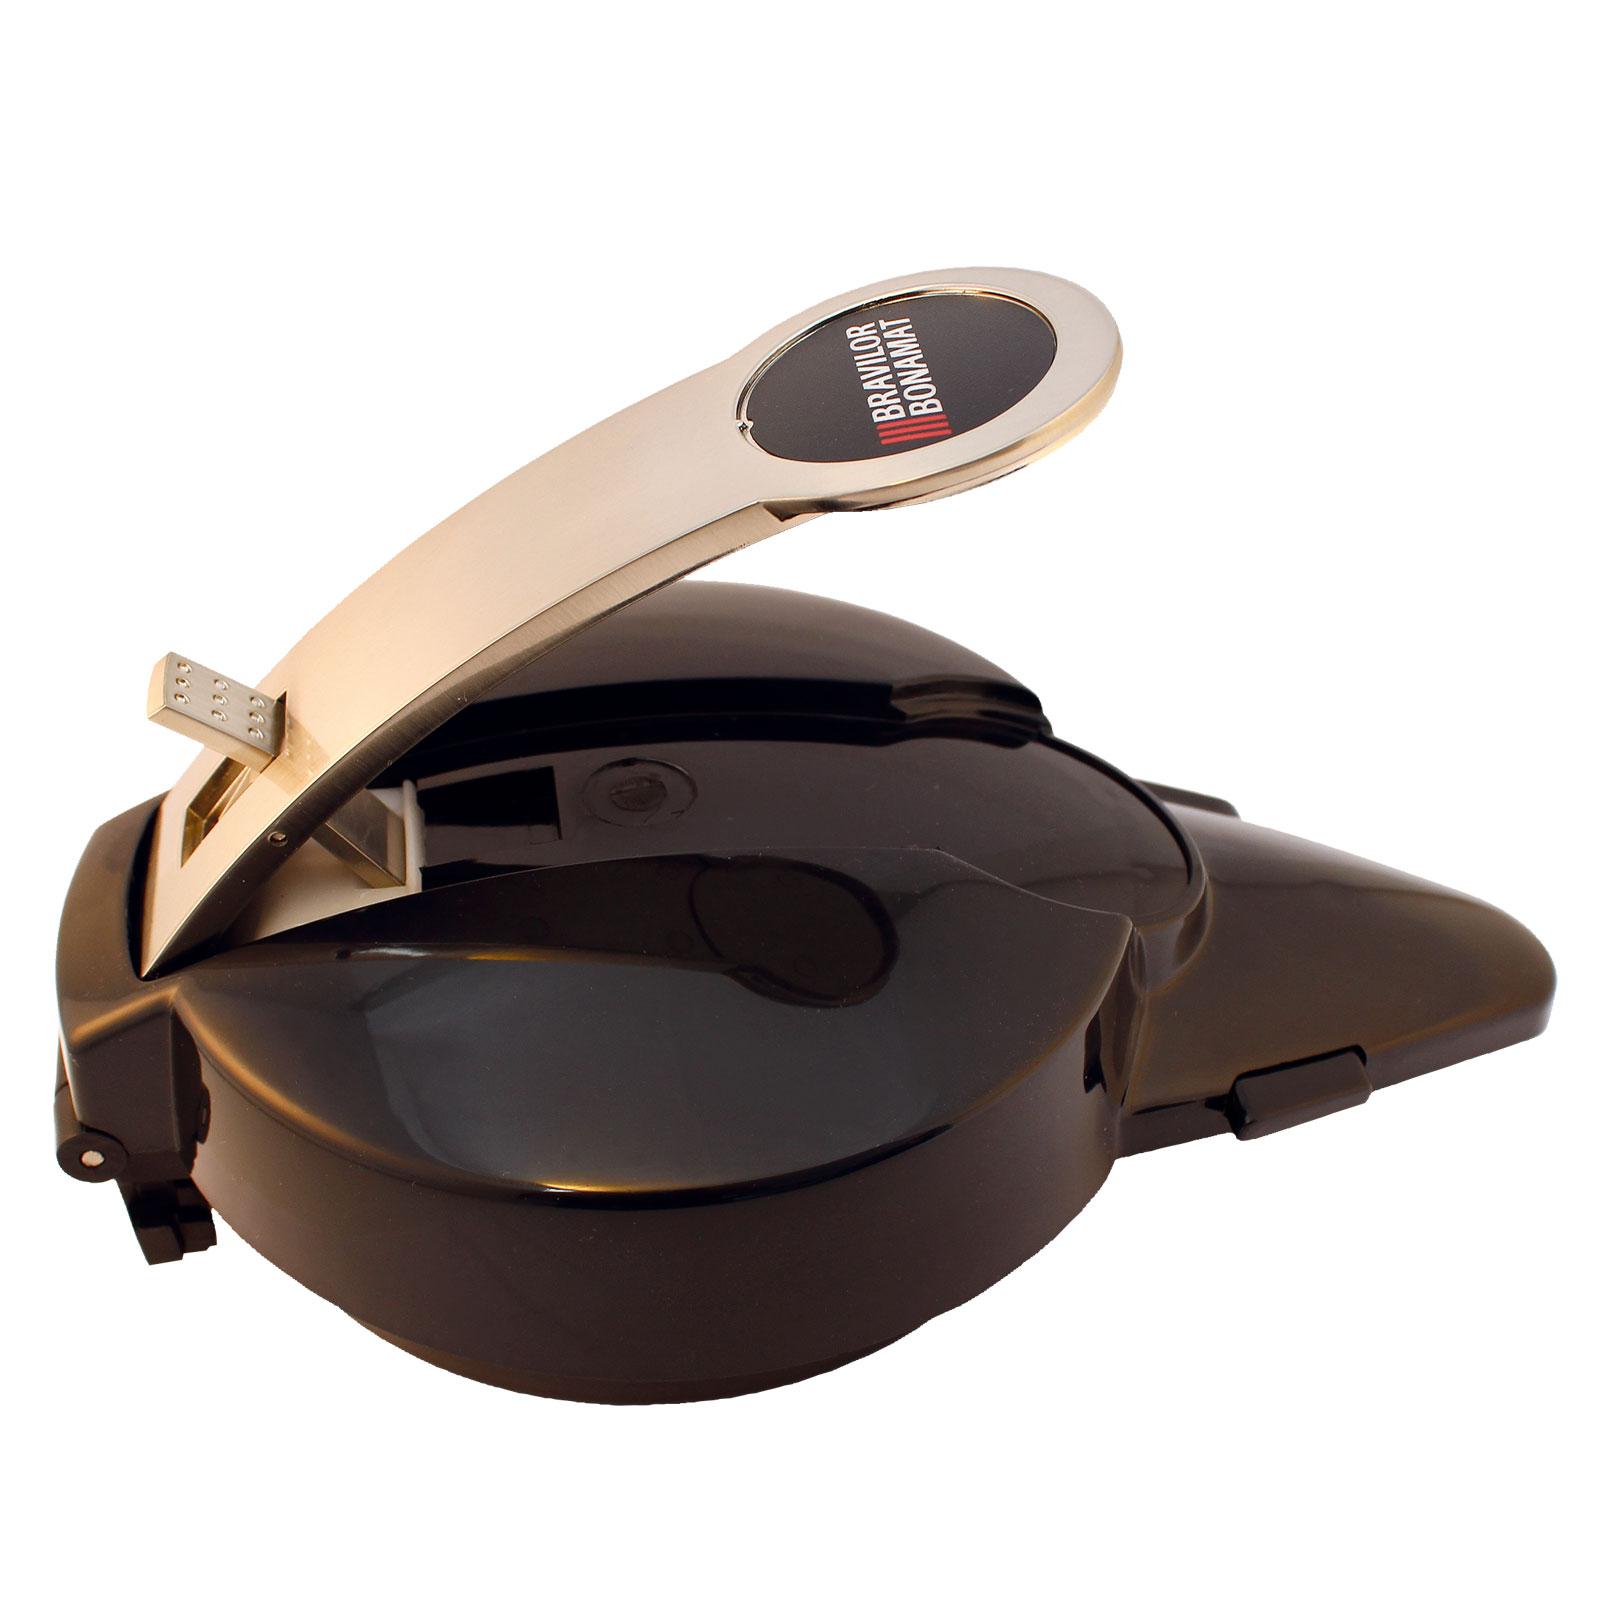 Bonamat Deckel komplett für Airpotkanne Furento (neues Design!)